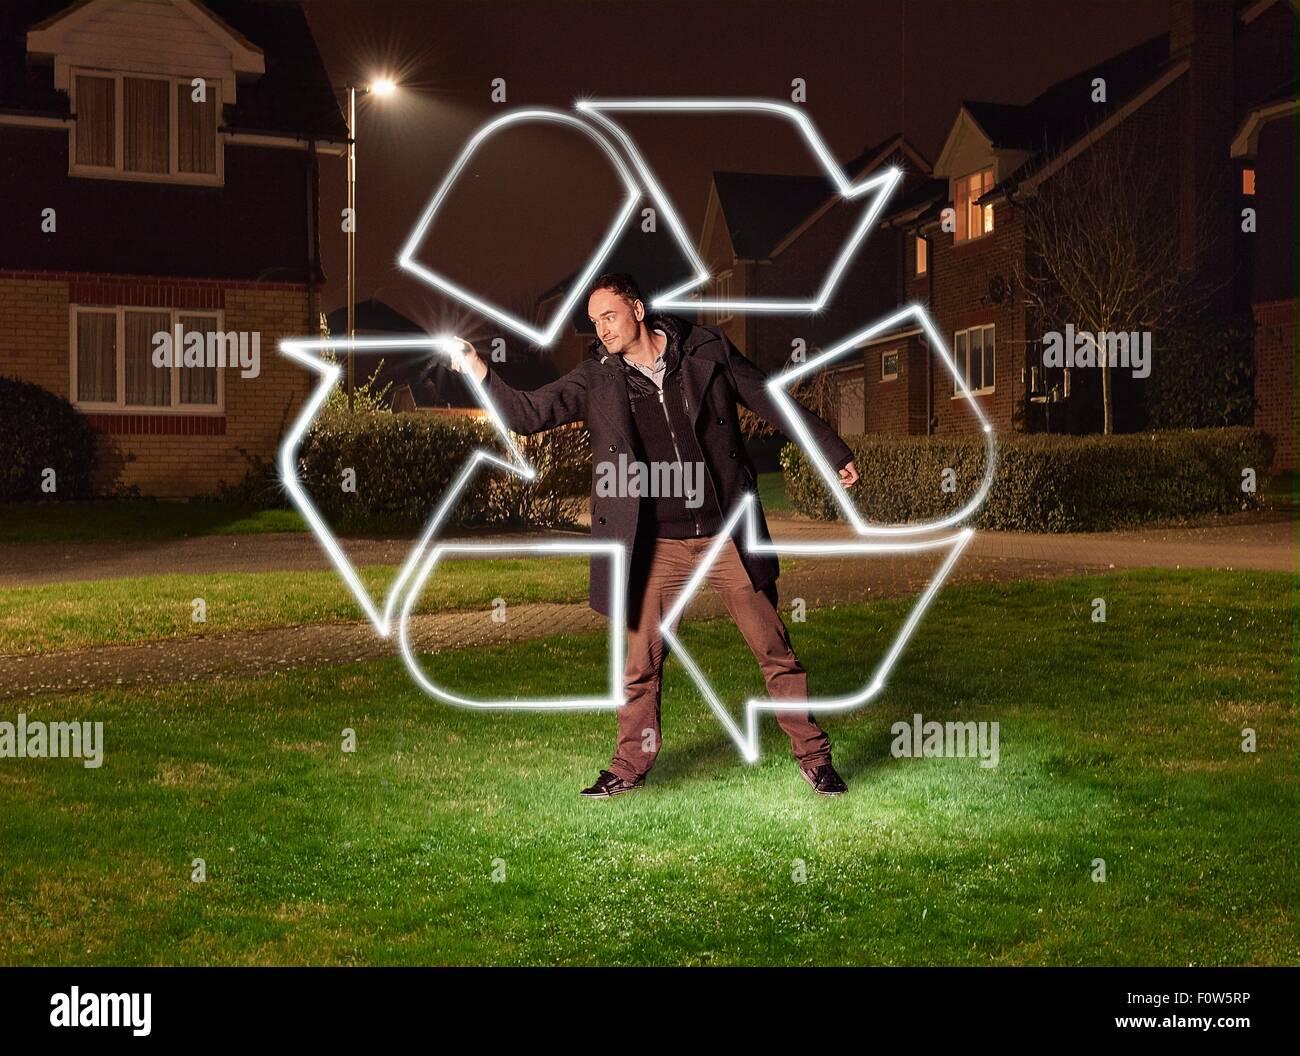 La lumière de l'artiste peignant un symbole de recyclage dans la région de park Photo Stock